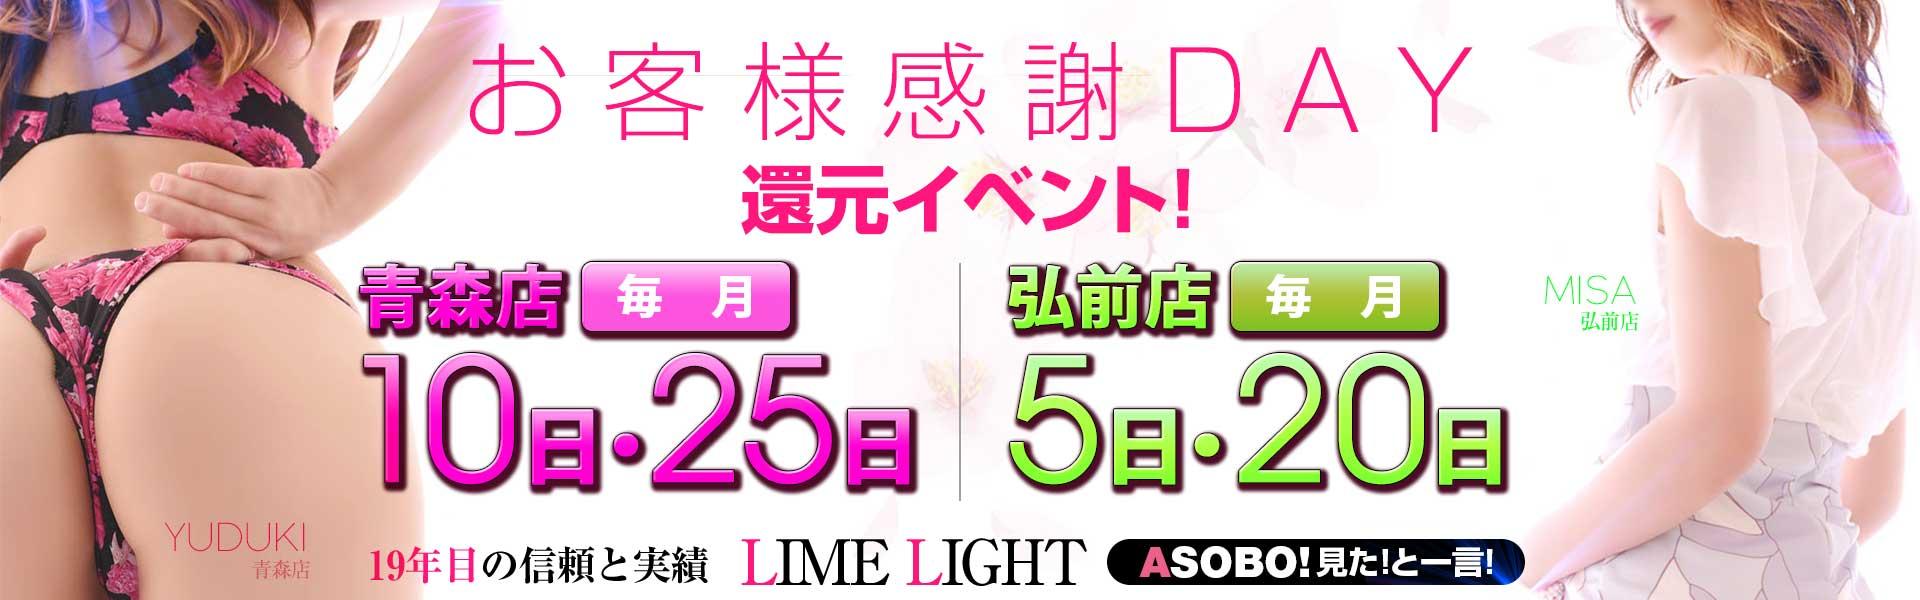 LIME LIGHT-ライムライト-